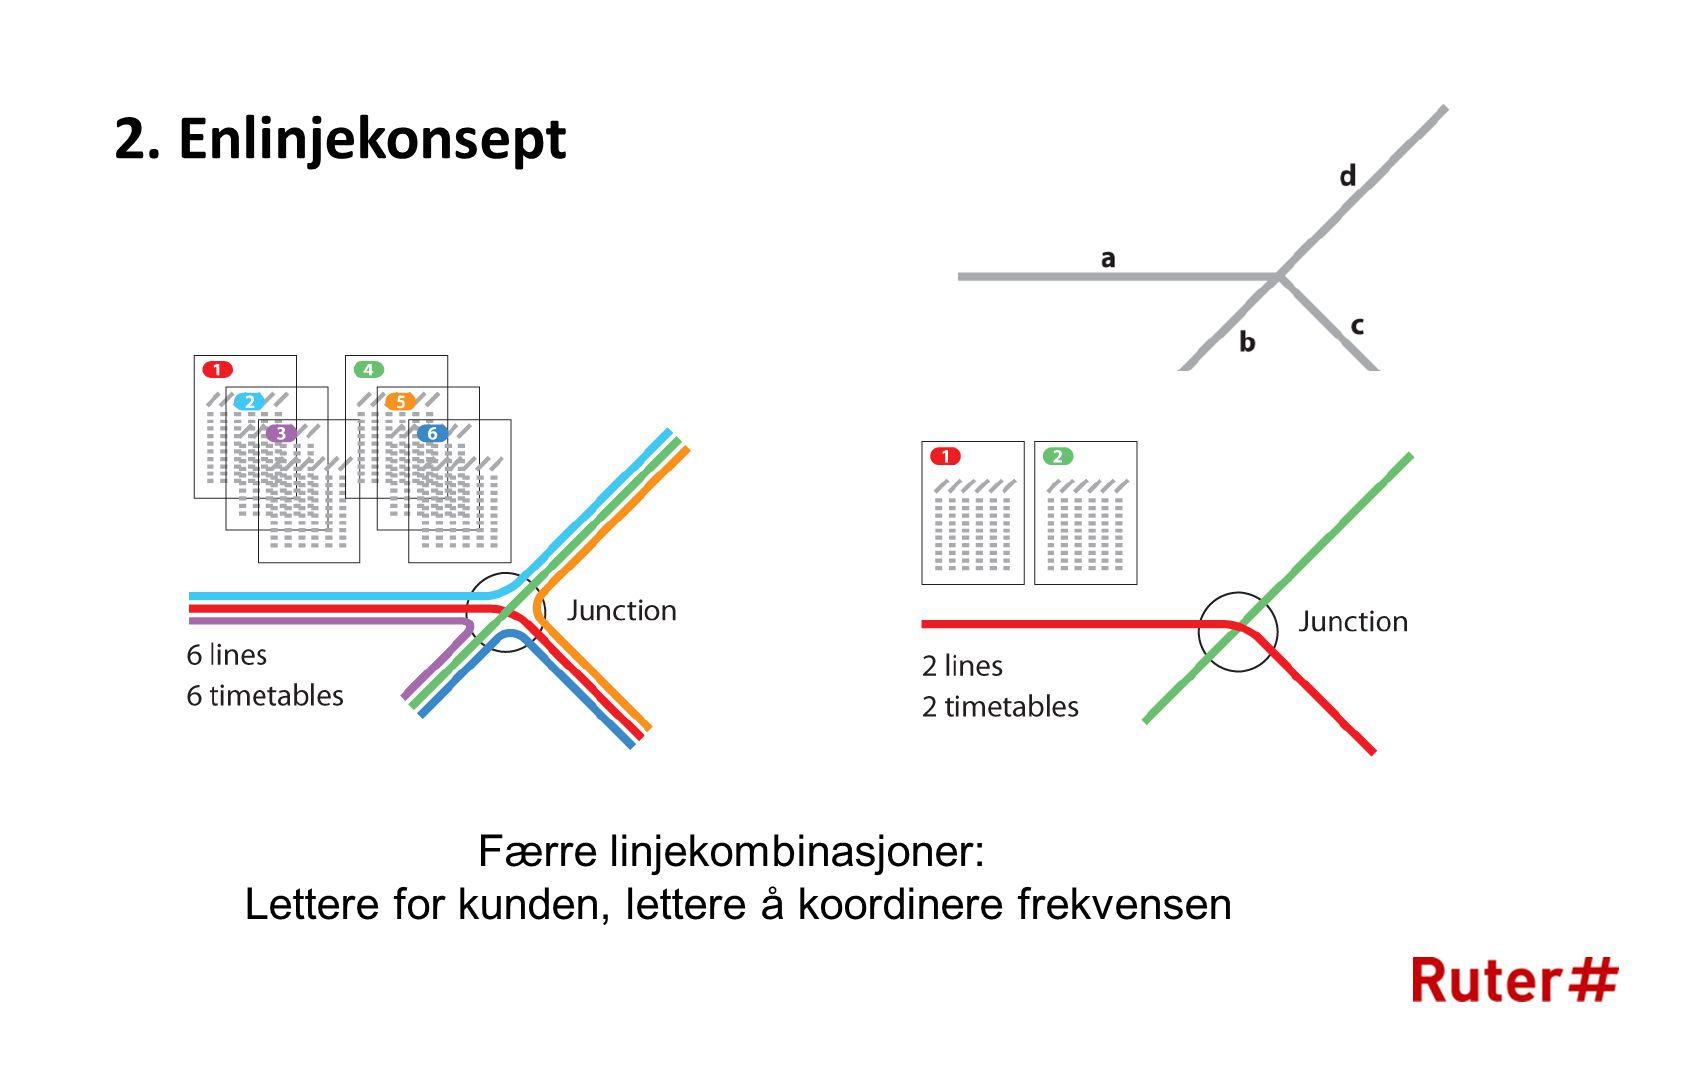 Færre linjekombinasjoner: Lettere for kunden, lettere å koordinere frekvensen 2. Enlinjekonsept